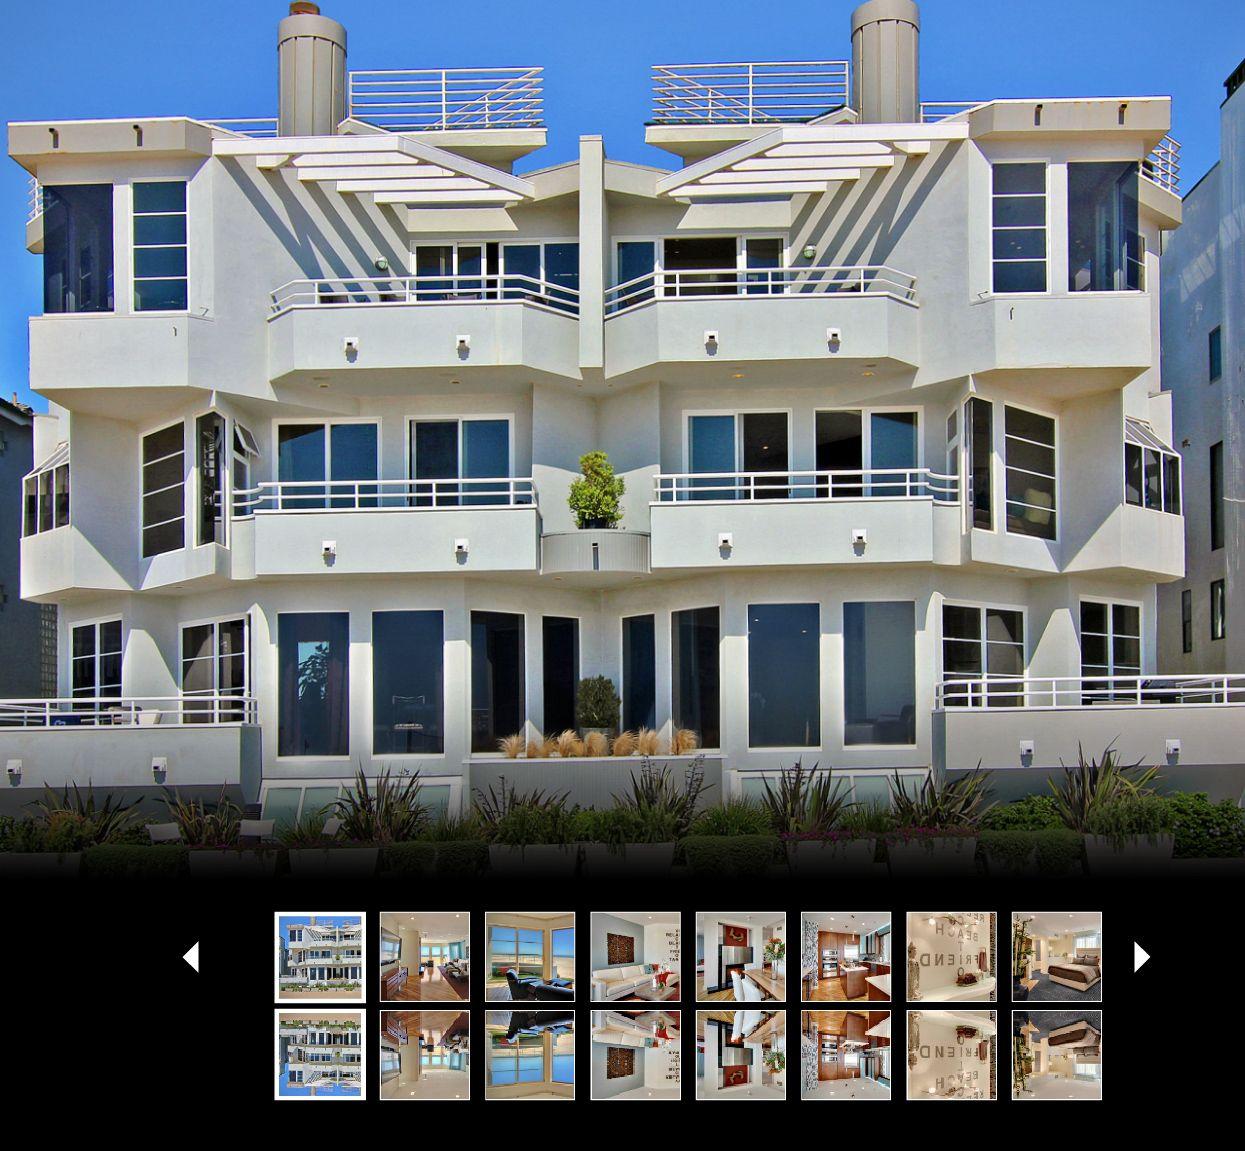 #sold #3507 Ocean Front Walk #Marina Del Rey CA 90292 $3,750,000